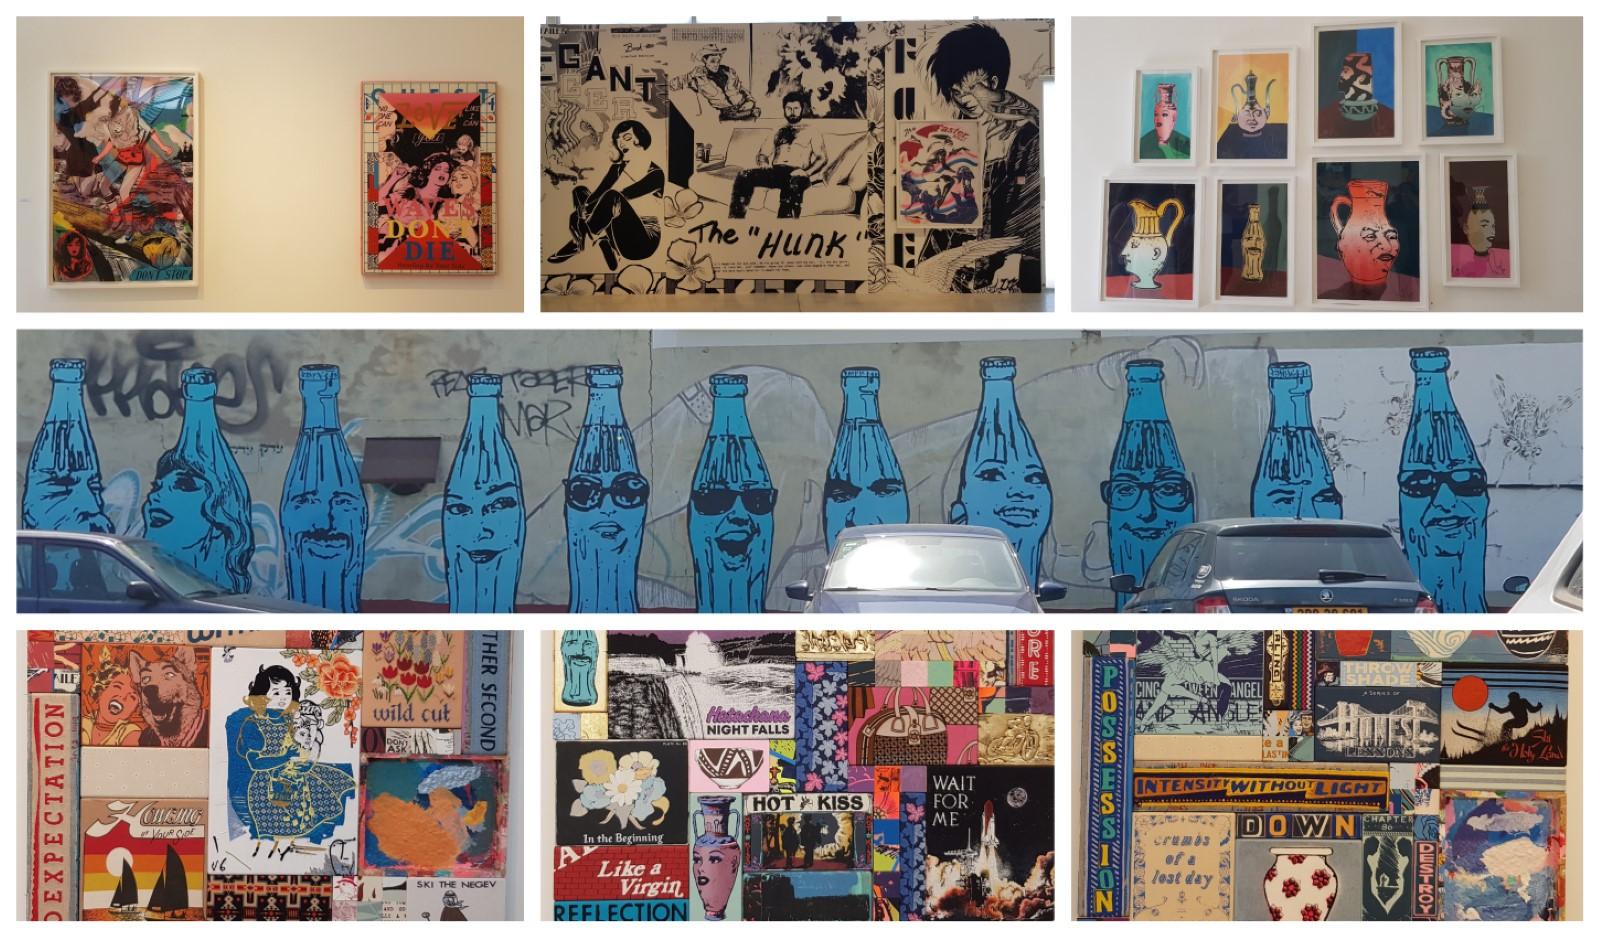 תמונות מתוך גלריה גורדון